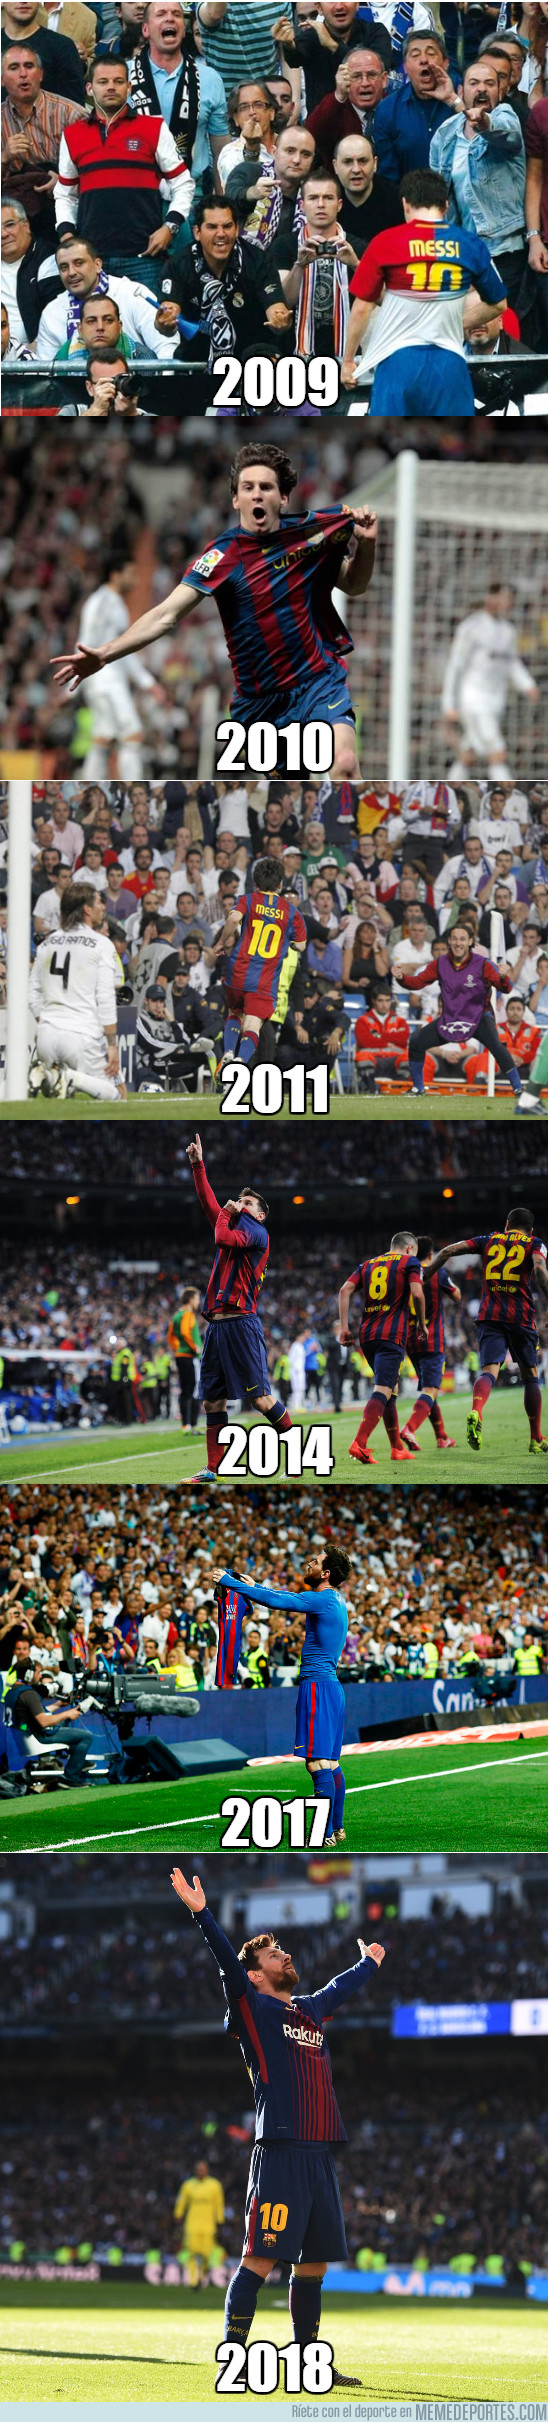 1013550 - Leo Messi y sus goles decisivos en el Bernabéu